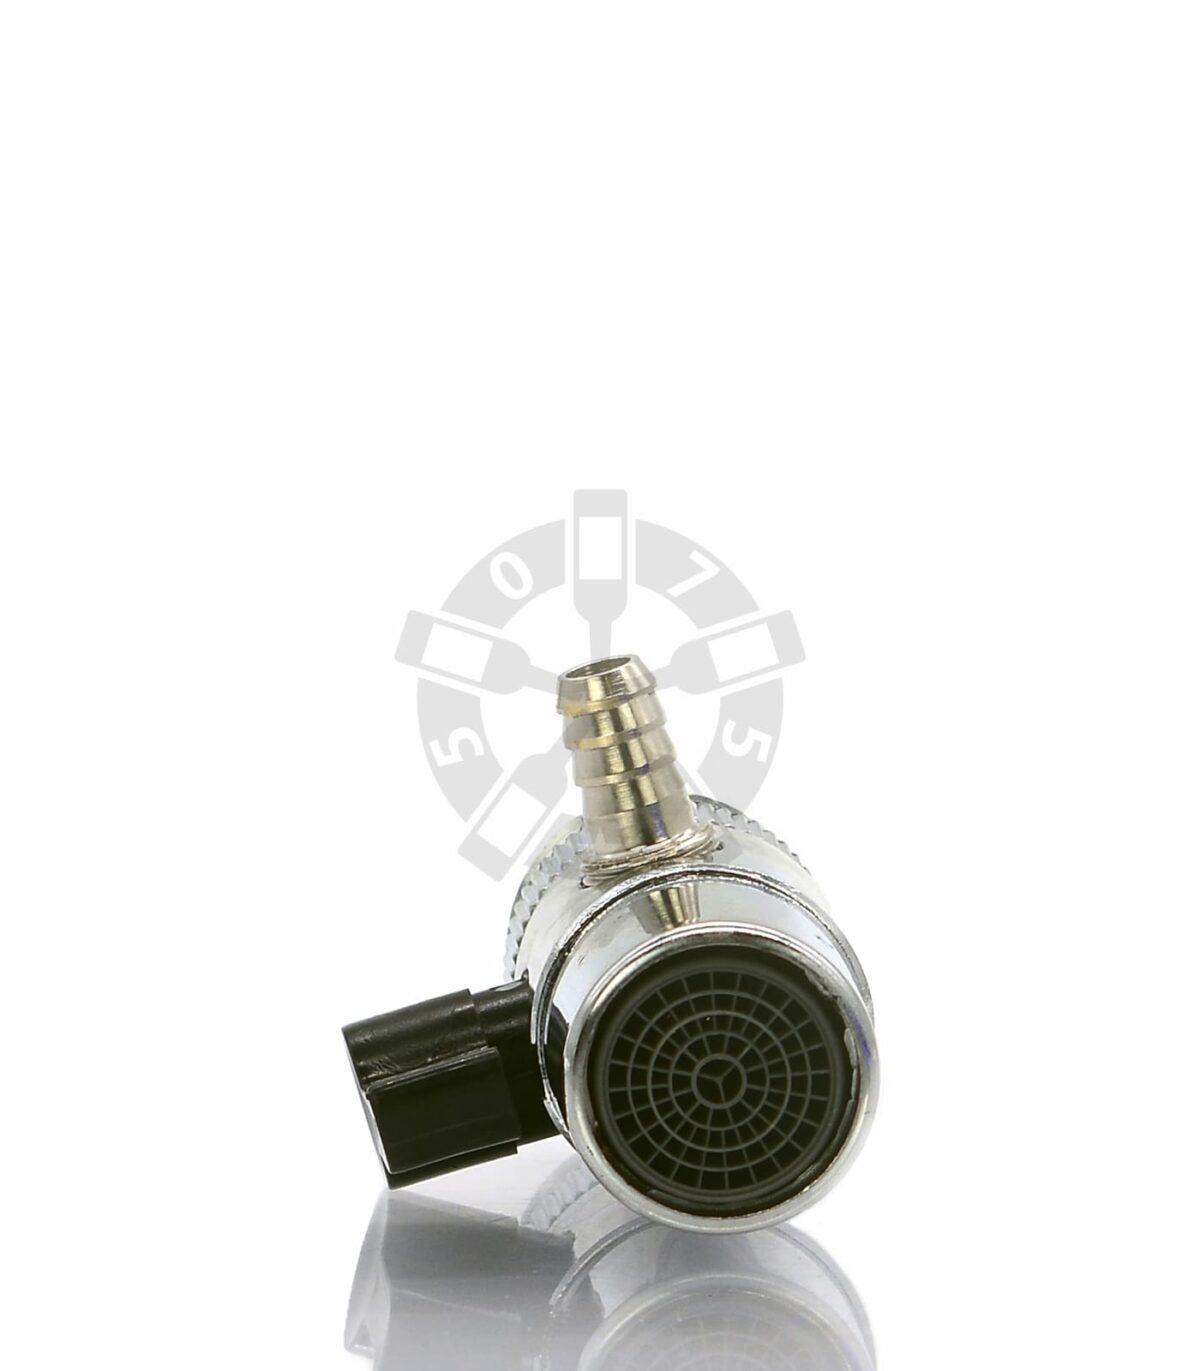 Дивертор, штуцер 7,9 мм с металл.переходником (Ёлочка)